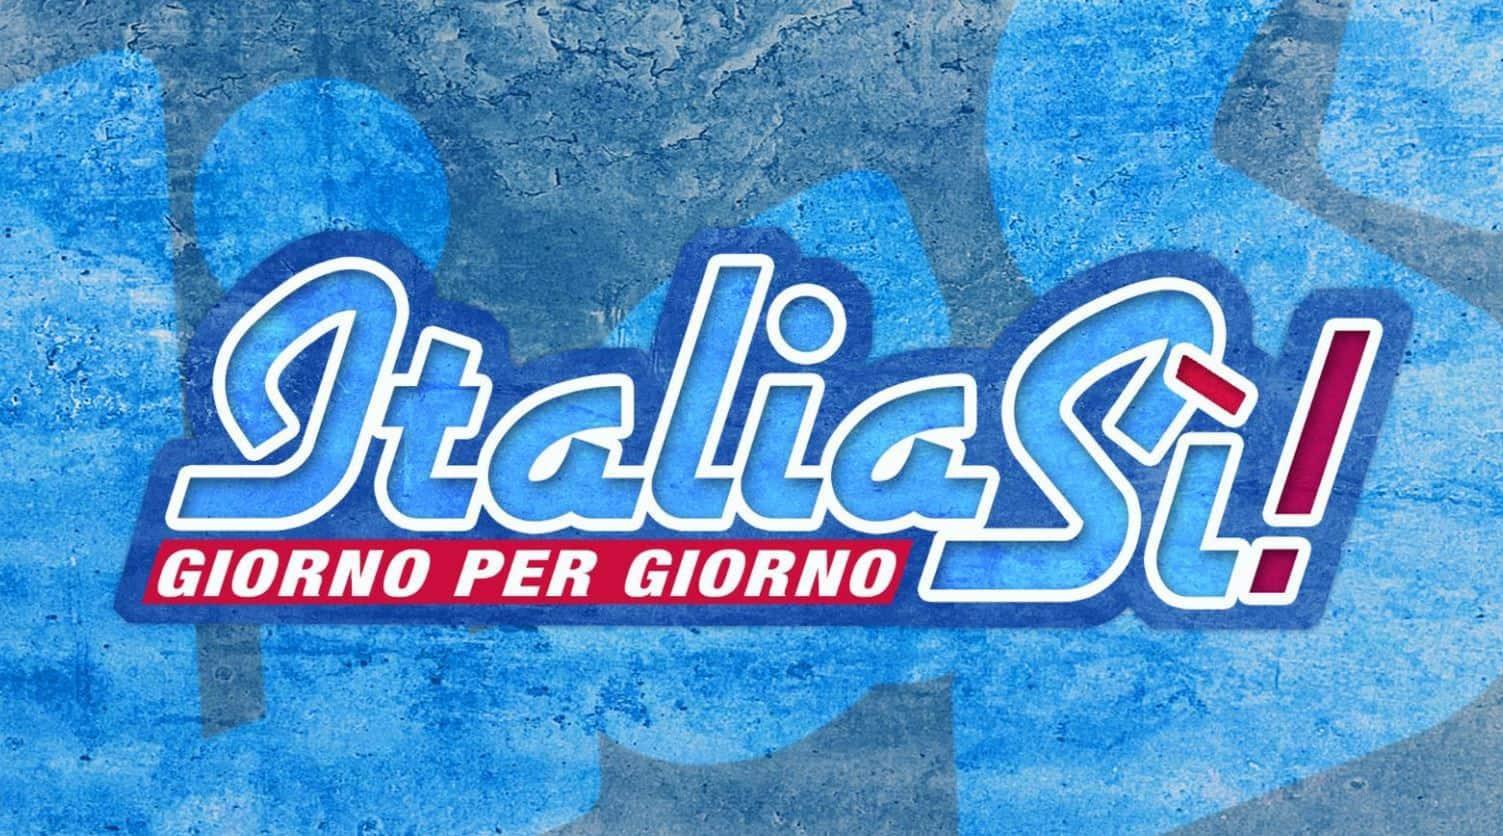 Italia sì giorno per giorno: da lunedì parte la nuova avventura di Rai 1 e Marco Liorni